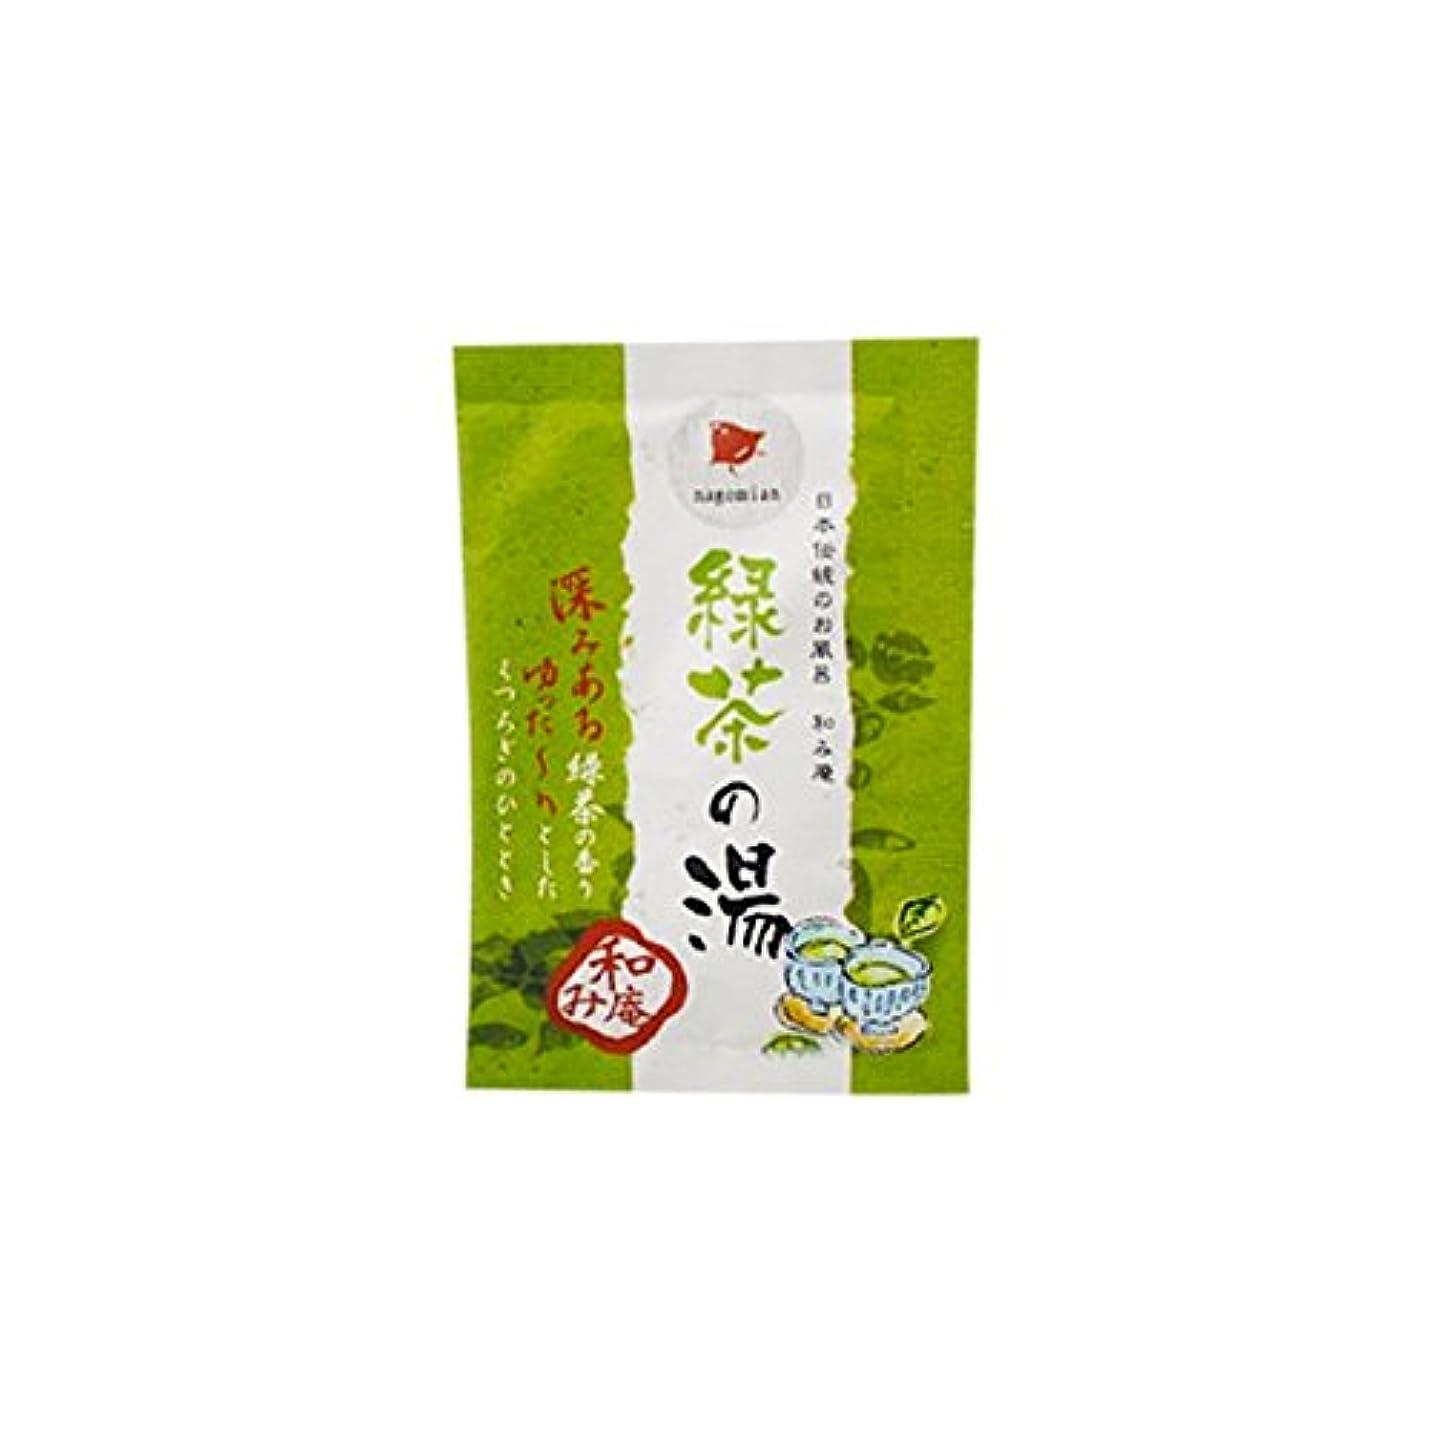 考え襲撃懇願する和み庵 入浴剤 「緑茶の湯」30個